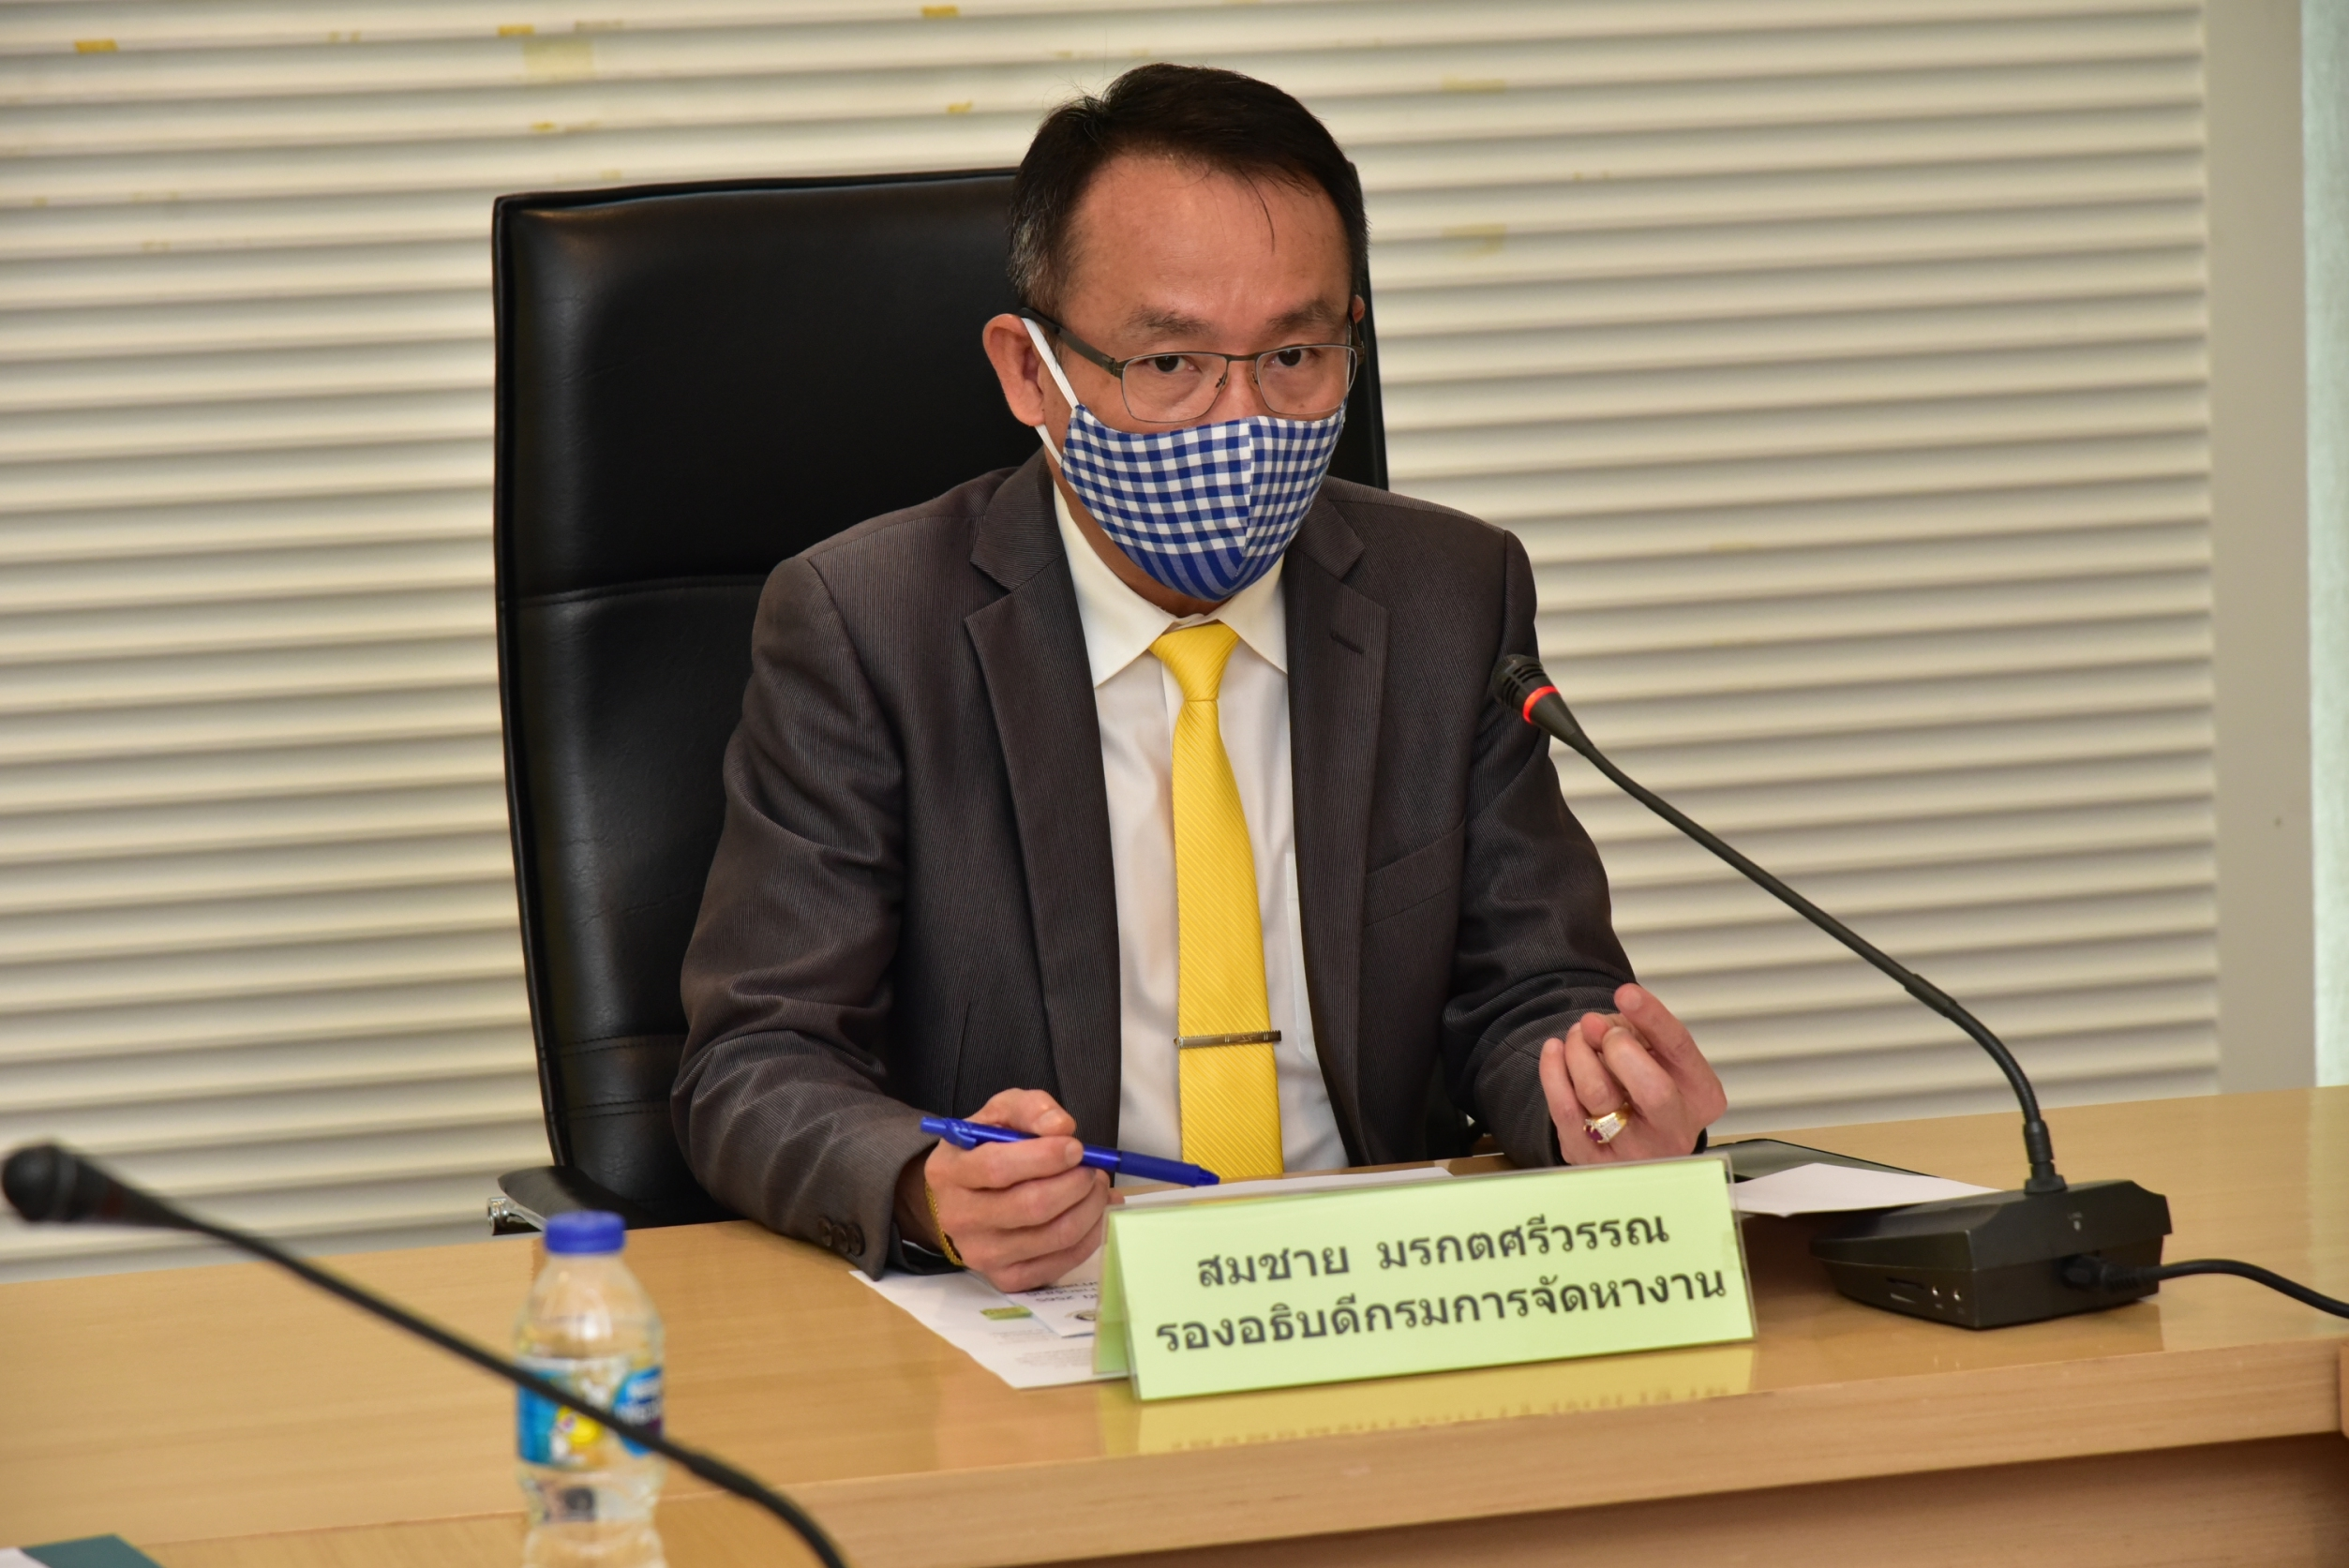 กรมการจัดหางานประชุมเพื่อจัดทำโครงการสำคัญ ประจำปีงบประมาณ พ.ศ.2565